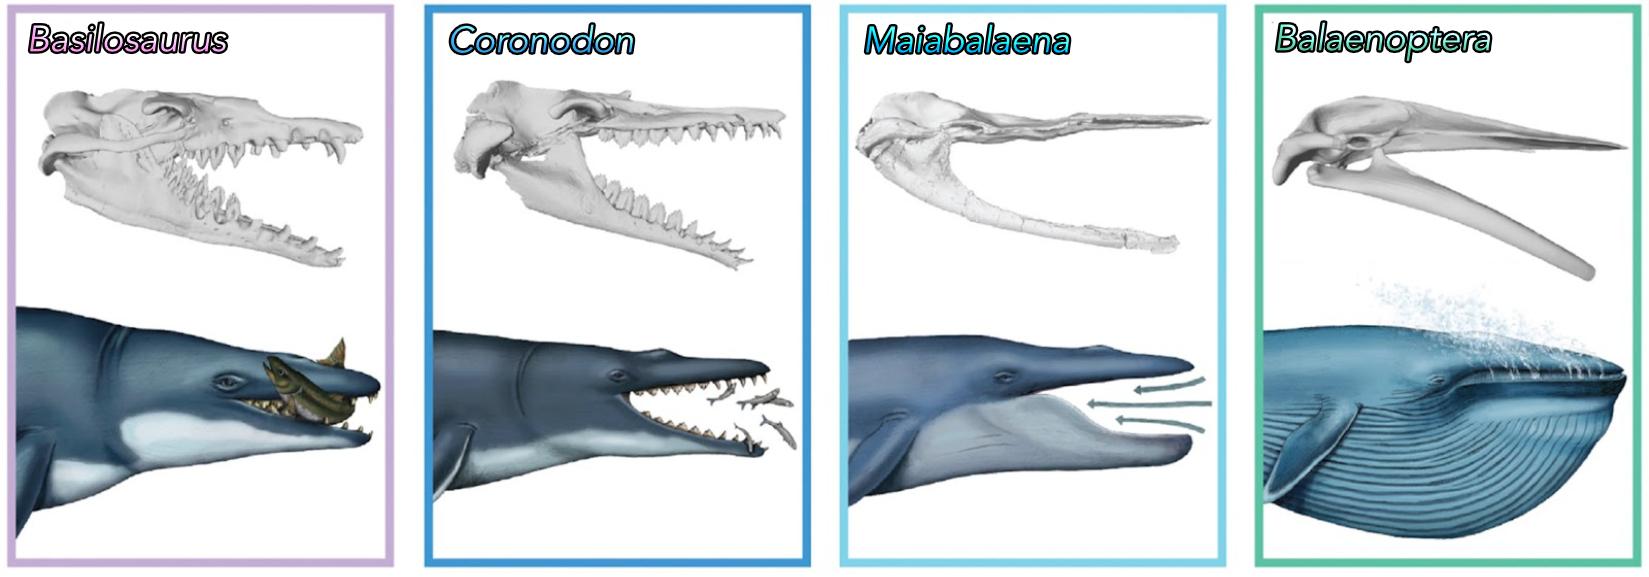 Dişsiz balinaların ağız yapılarının evrimsel süreci. Boyutlar gerçeği yansıtmamaktadır.